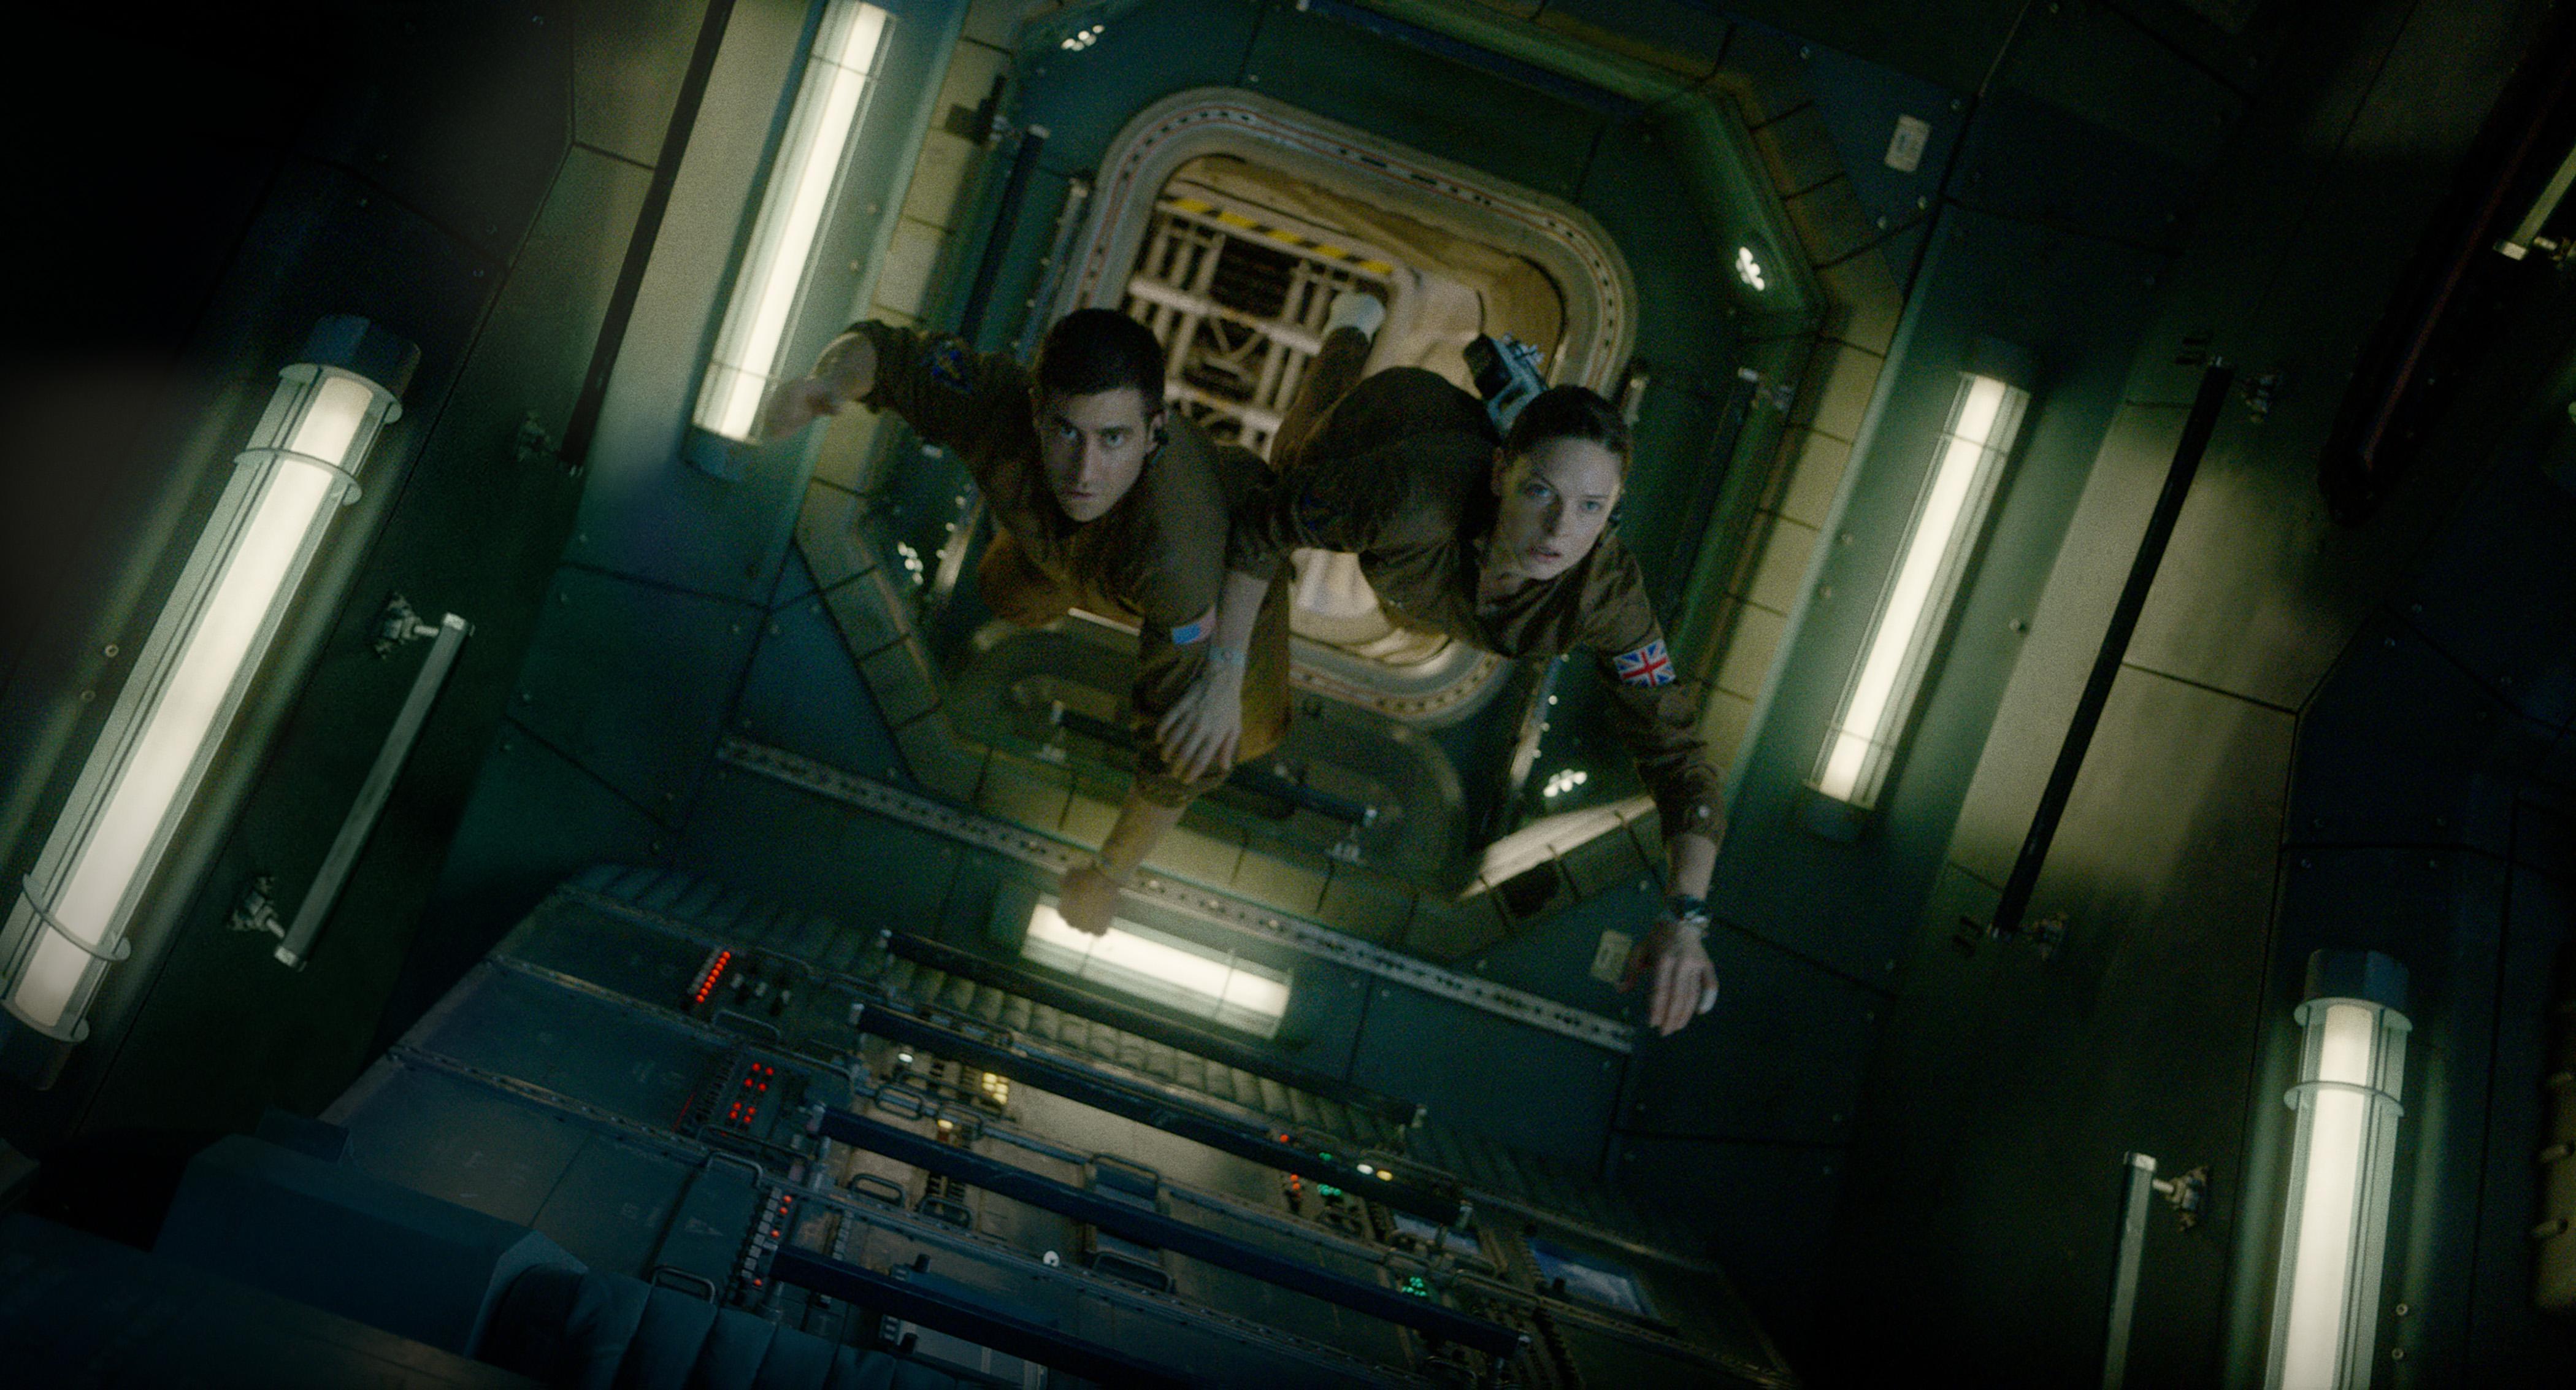 Life: prima clip estesa dello sci-fi con Ryan Reynolds e Jake Gyllenhaal